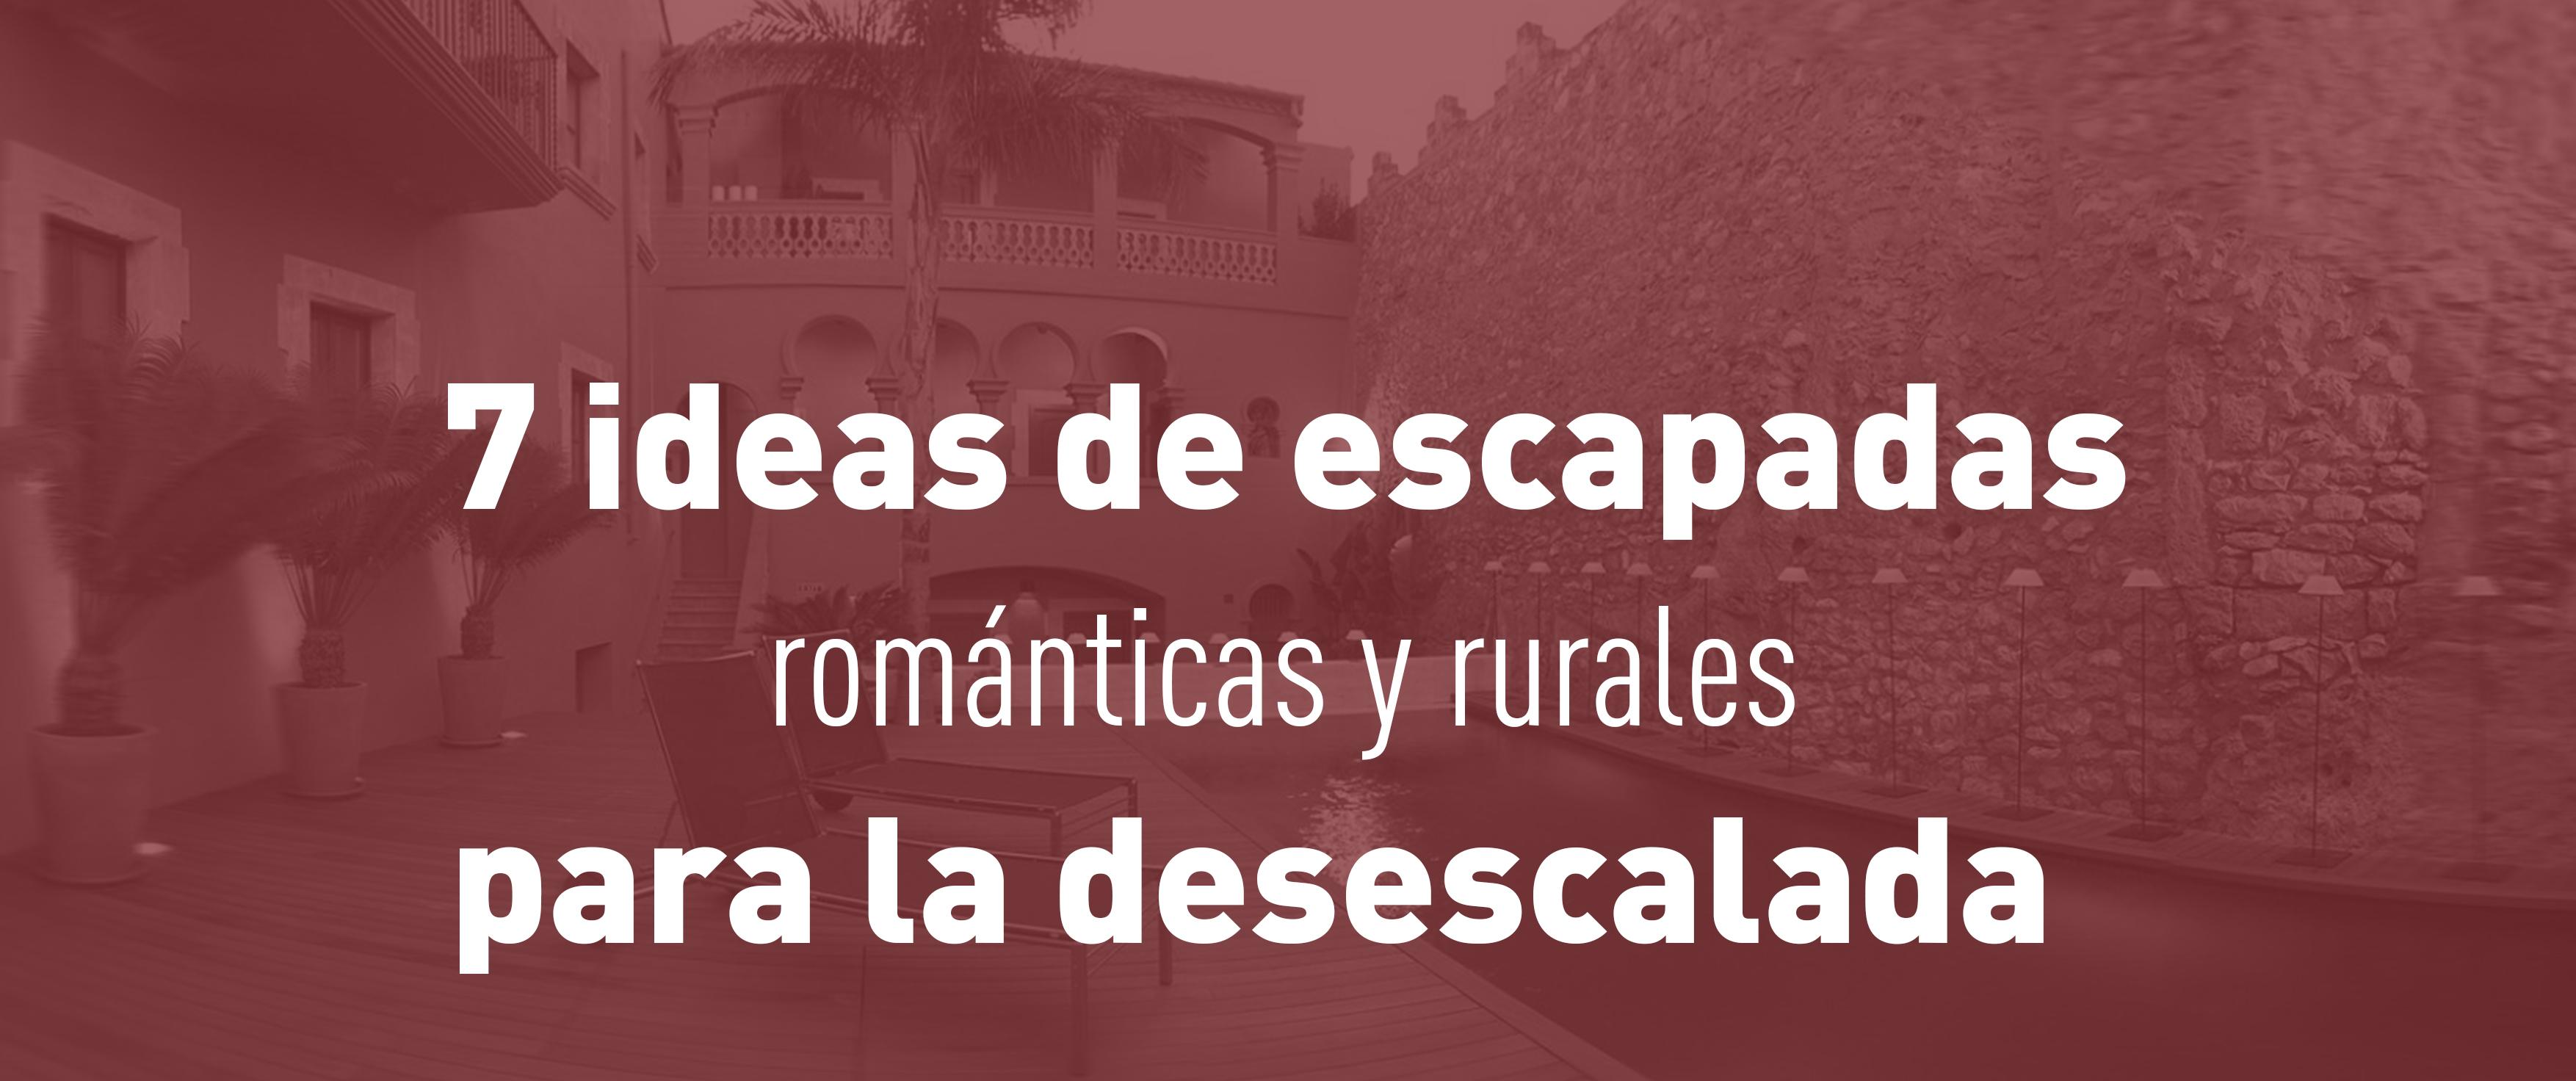 """7 ideas de pequeñas escapadas románticas para la desescalada con un toque """"eco"""""""